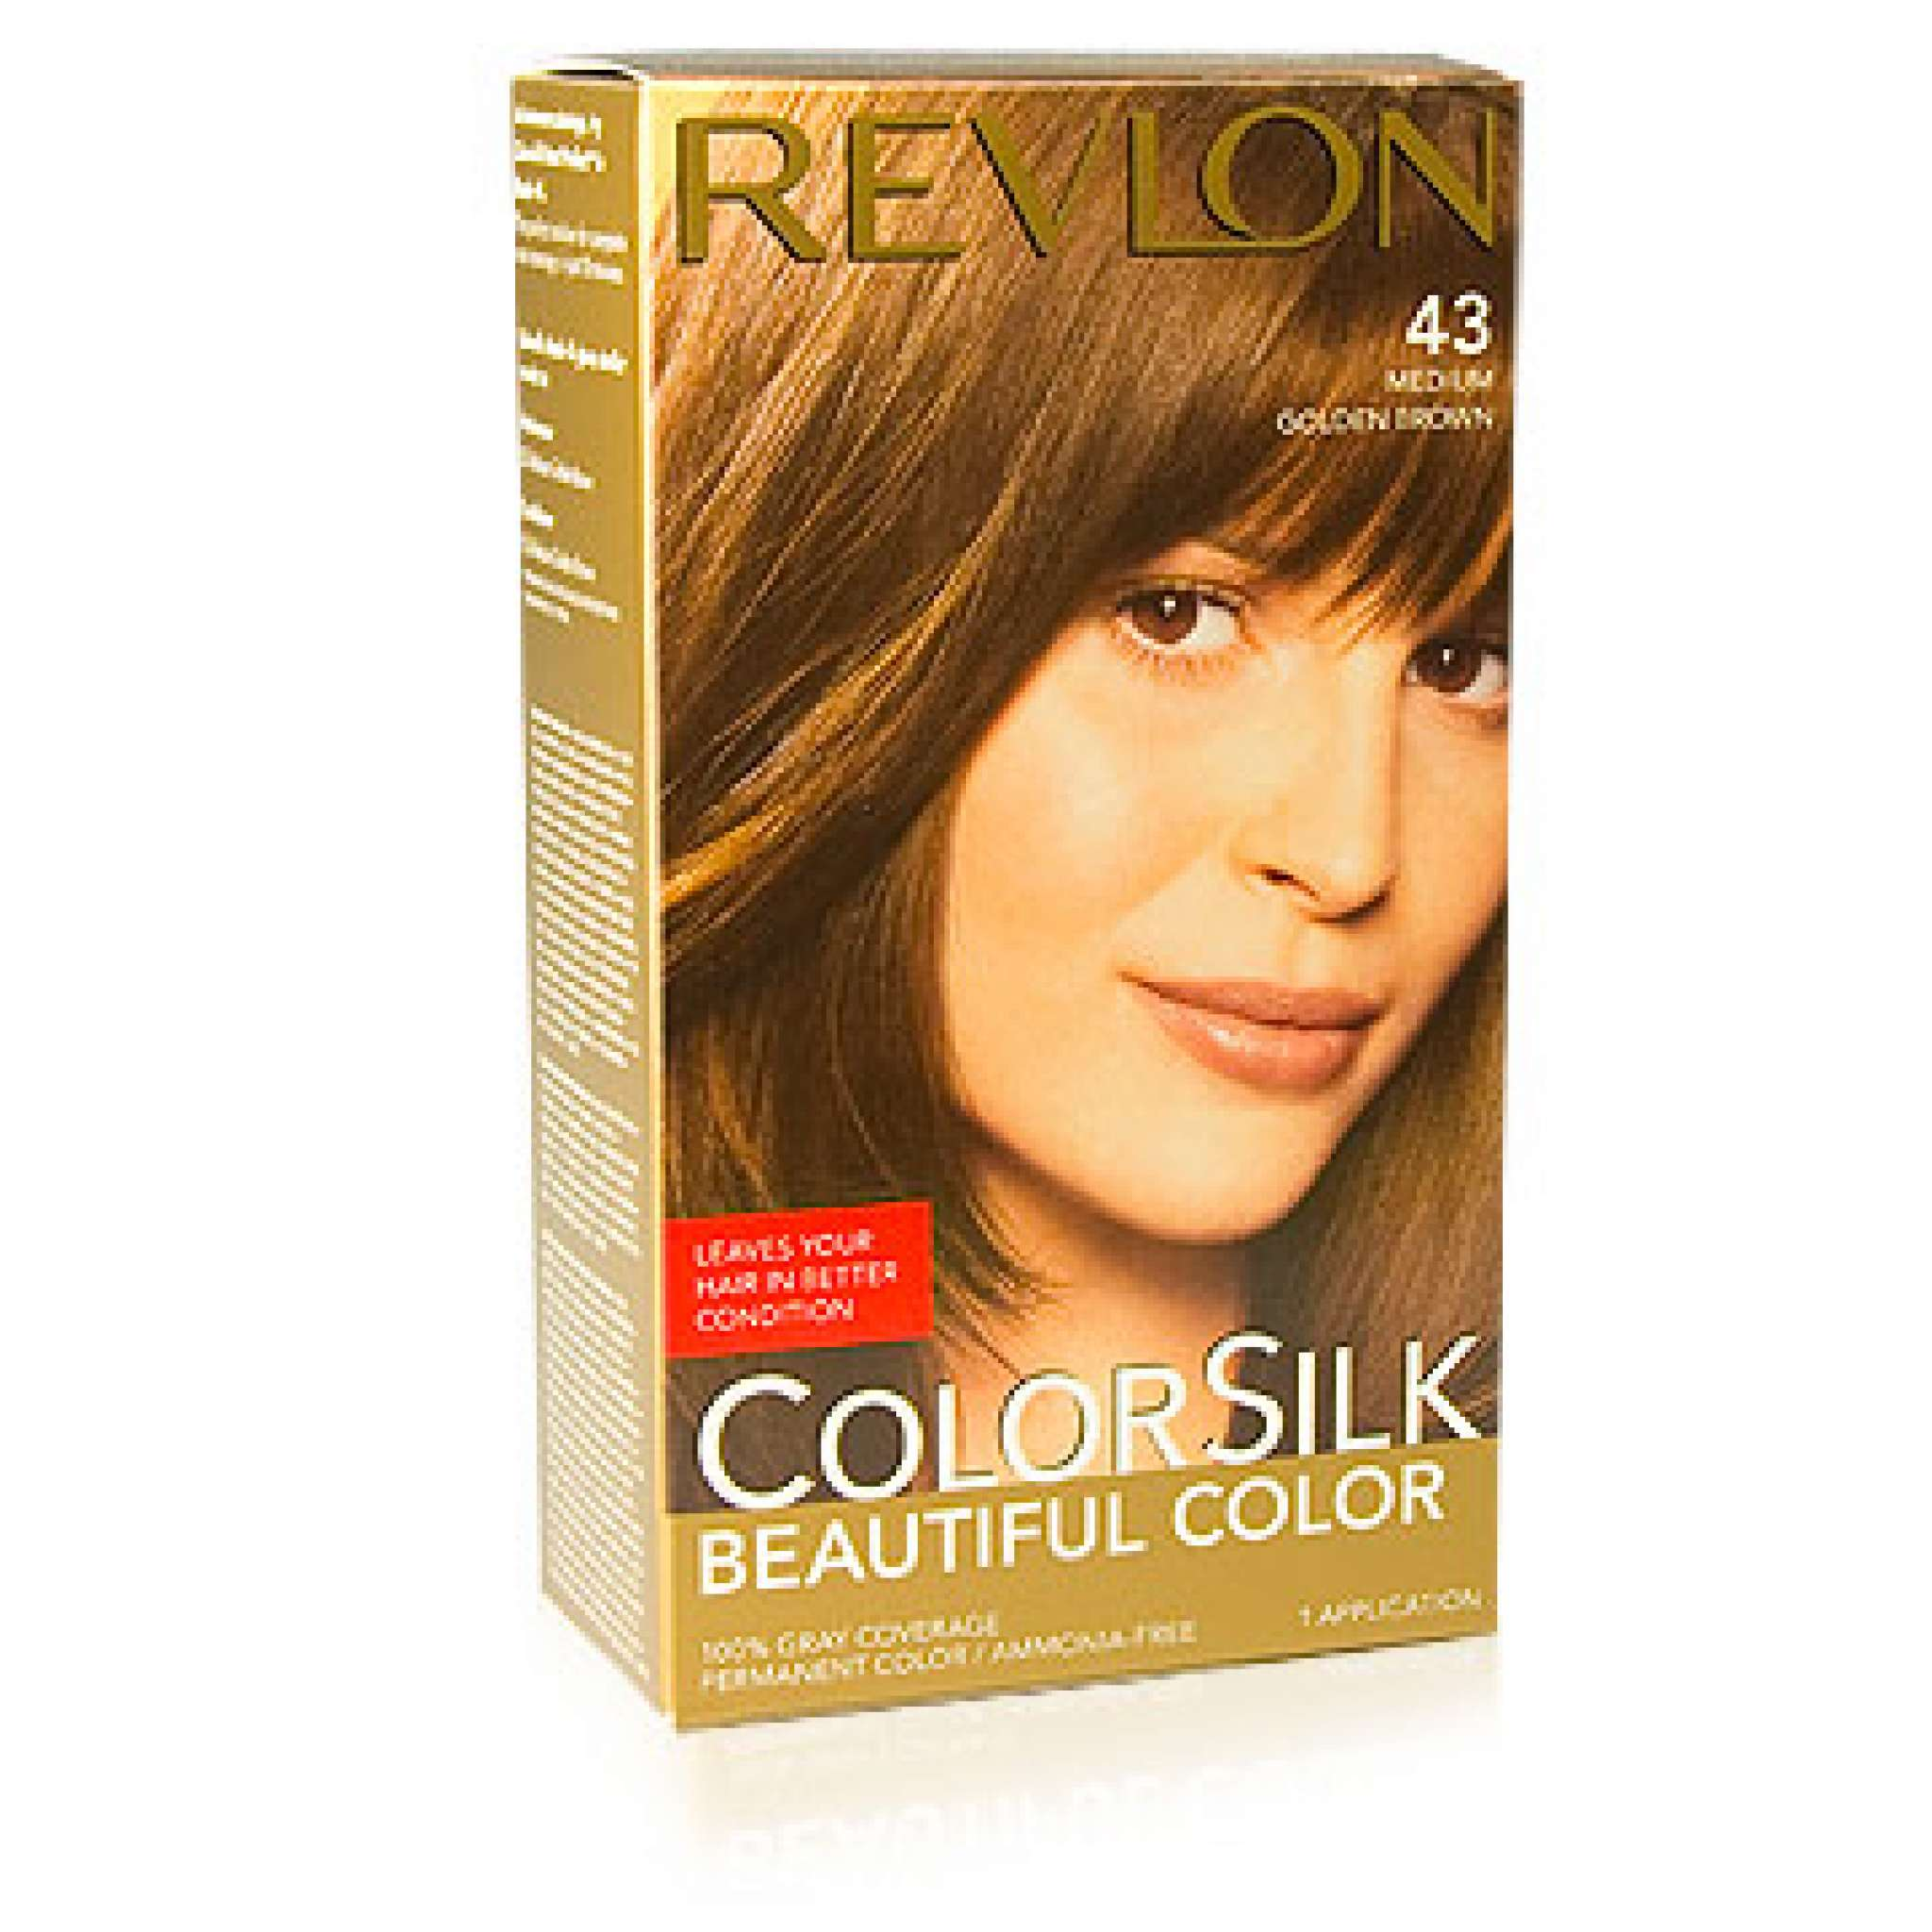 Revlon Colorsilk Haarfärbung, 43  med. Golden Brown